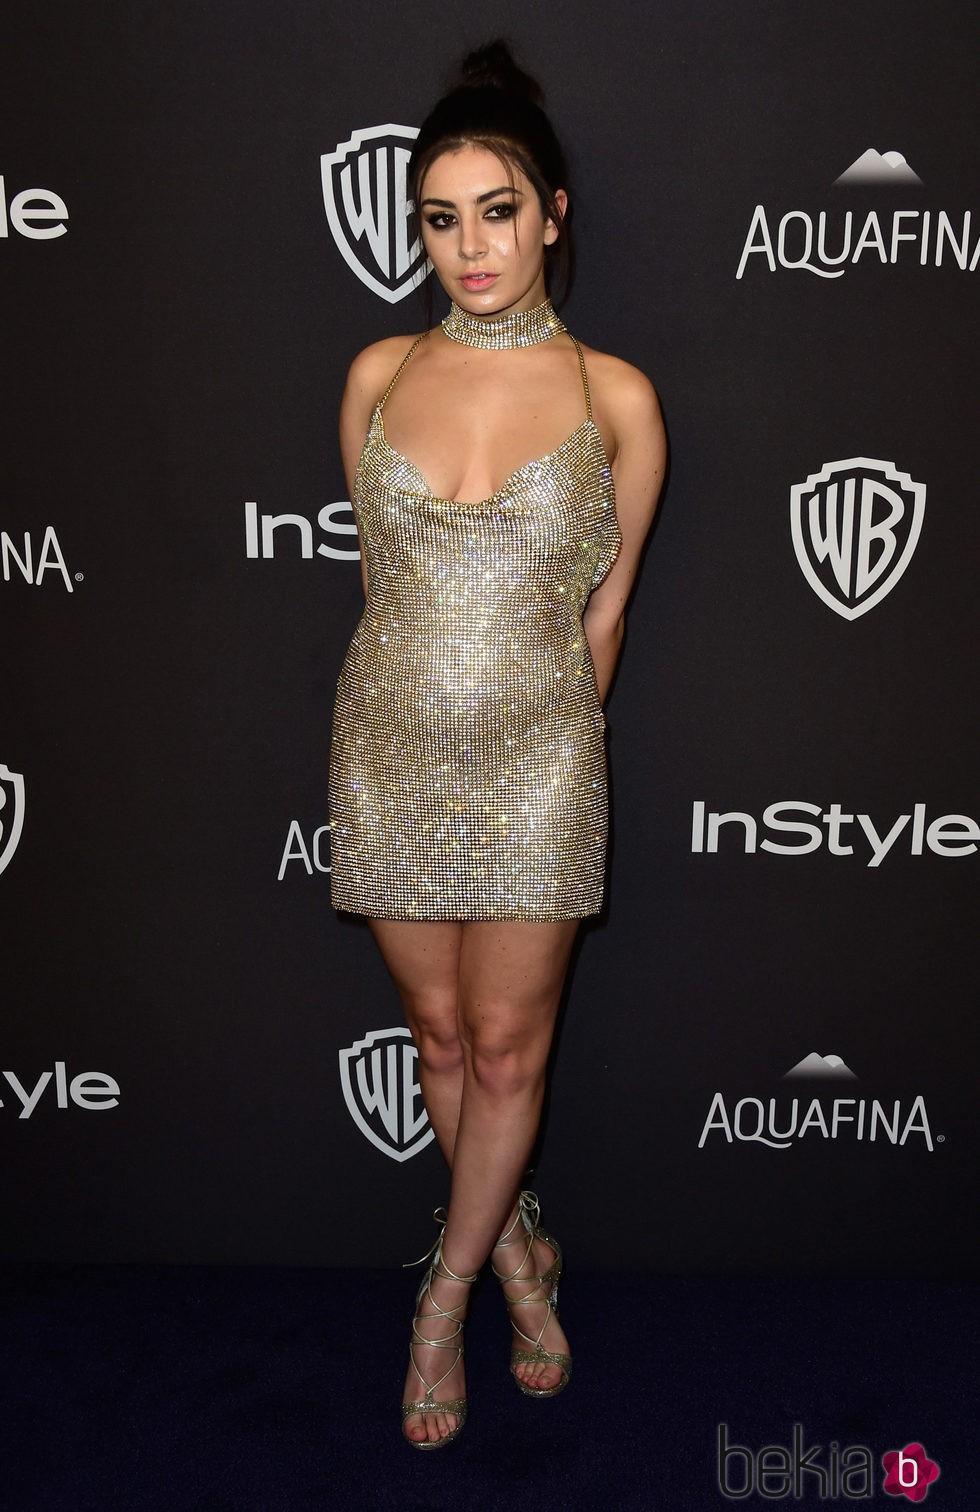 Charli XCX en la fiesta de InStyle tras la entrega de los Globos de Oro 2016